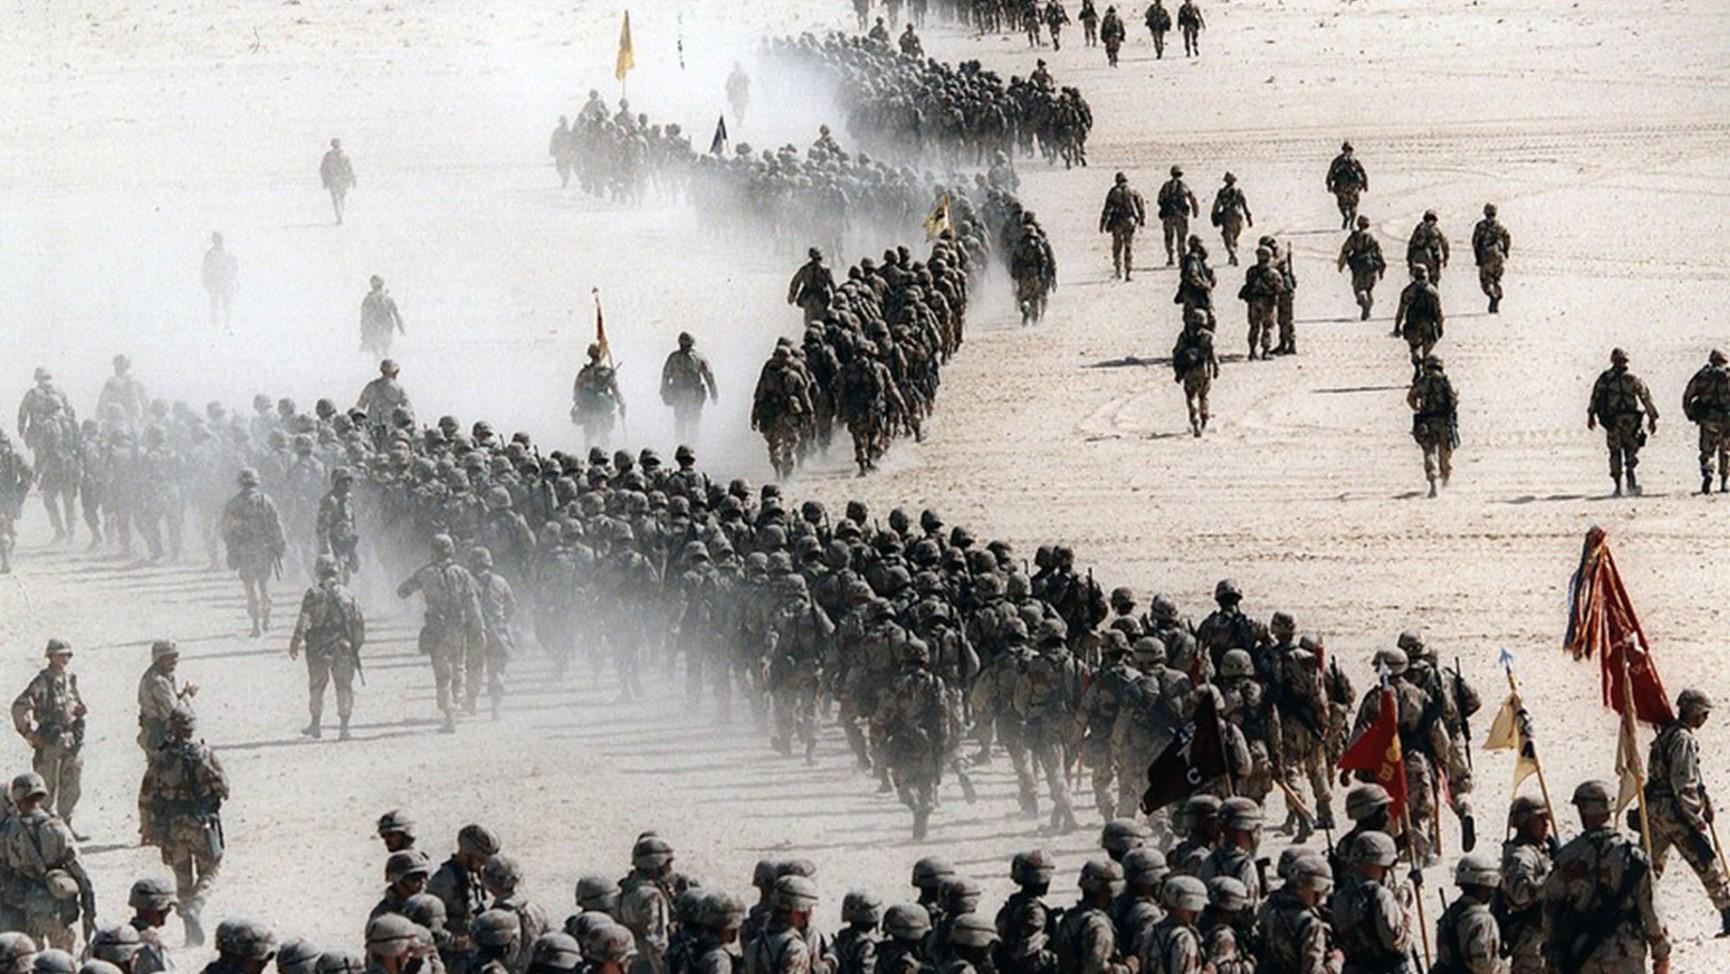 拜登政府将进行自海湾战争以来规模最大的军事变革。图为海湾战争美军在沙特集结。(AP)